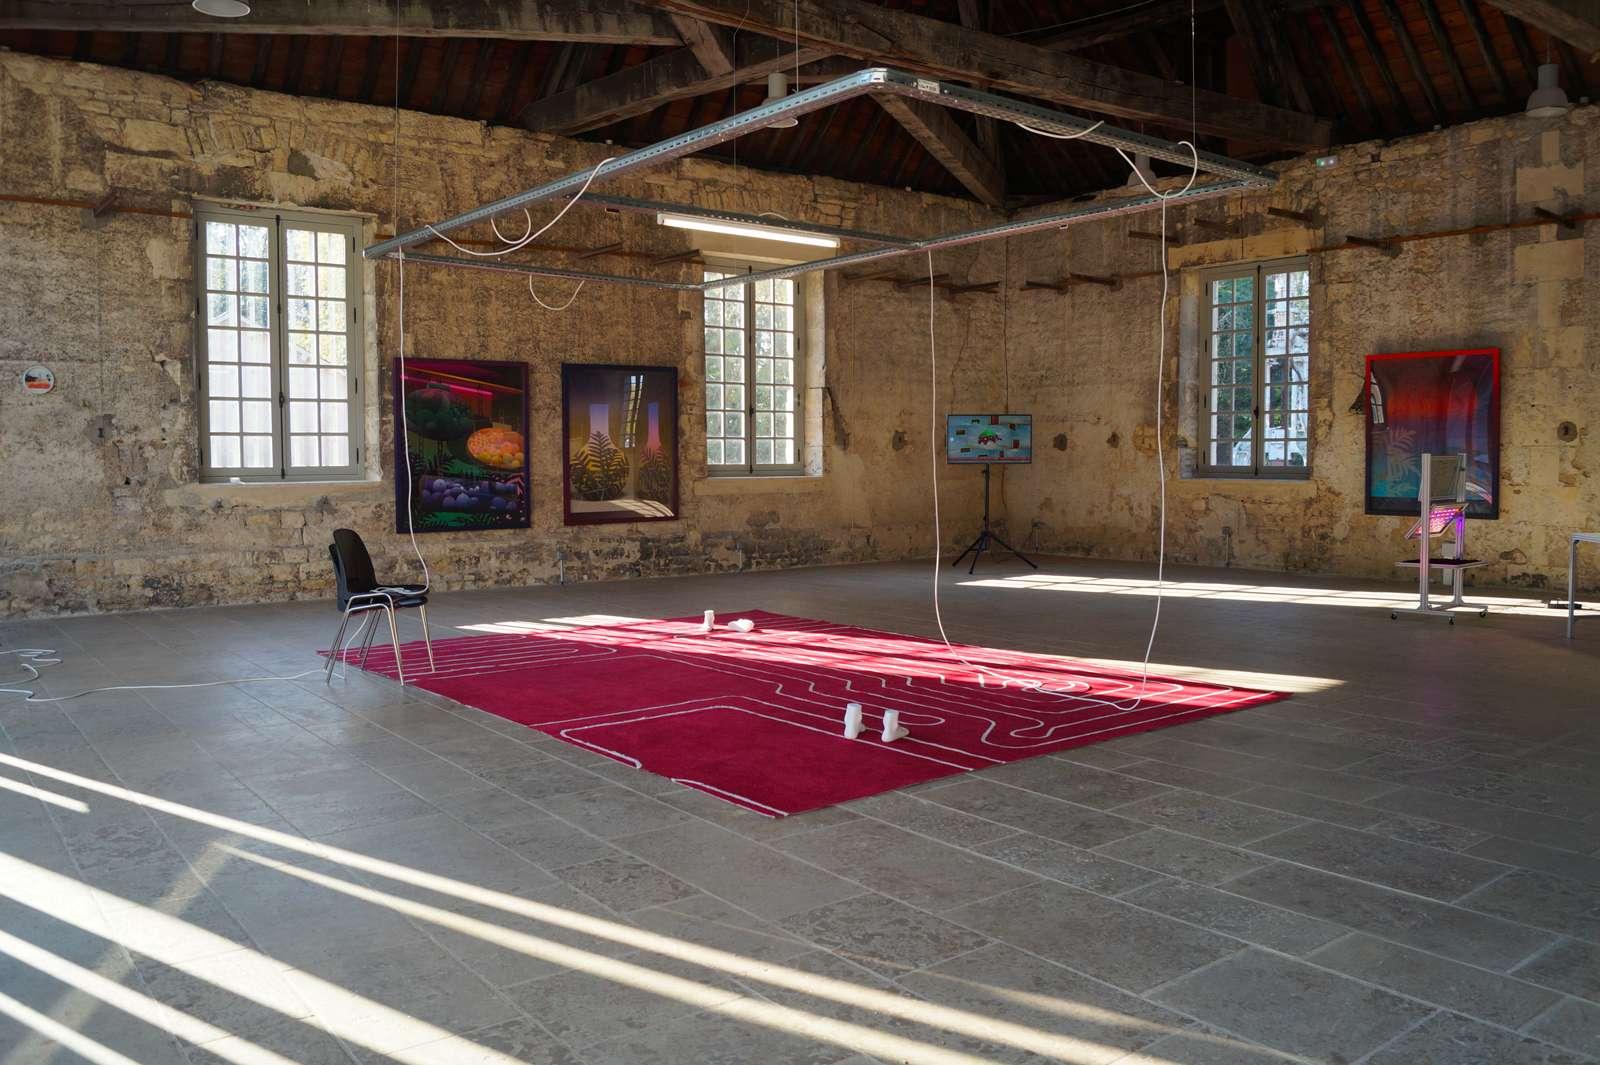 Amélie Bertrand Espaces liquides Le Parc Saint Léger, Centre d'art contemporain, Guériny (FR) 2 — 29 novembre 2018